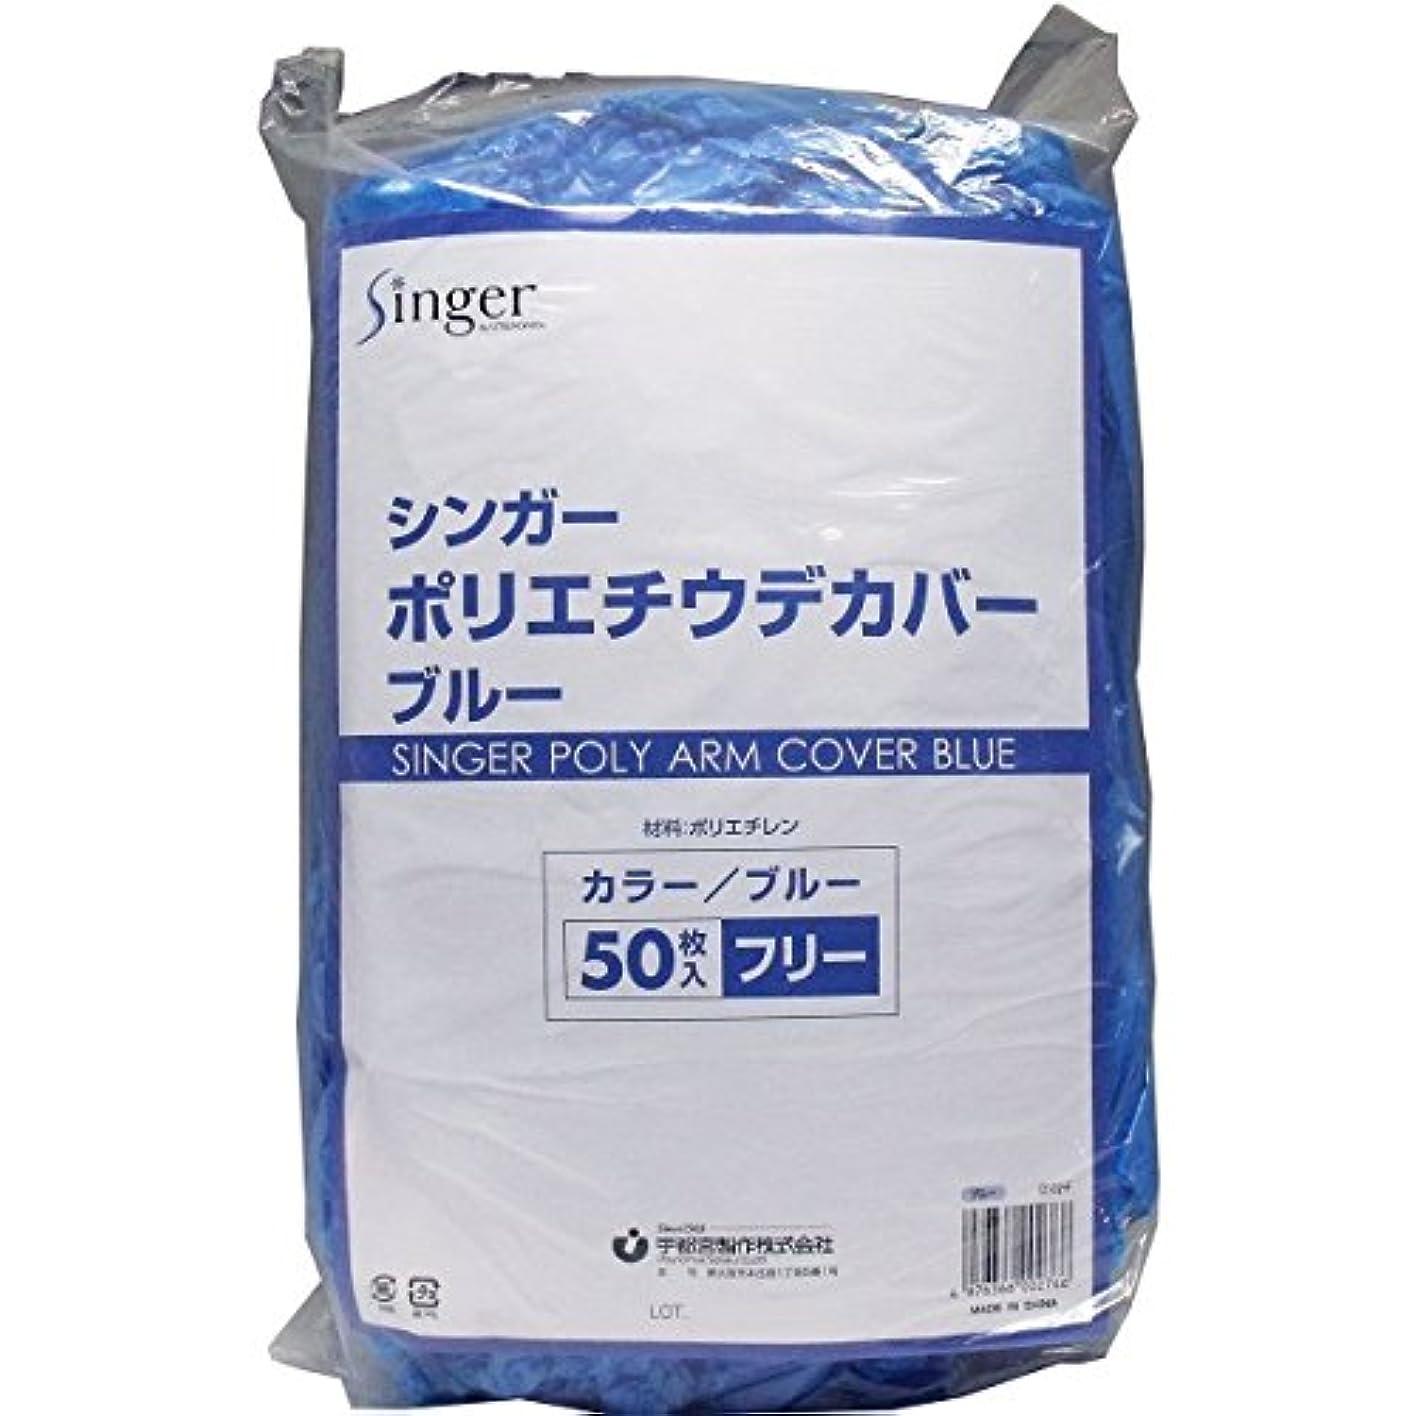 国民投票粉砕する船形シンガー ポリエチウデカバー (腕カバー) ブルー フリーサイズ 1000枚入り 50枚x20袋